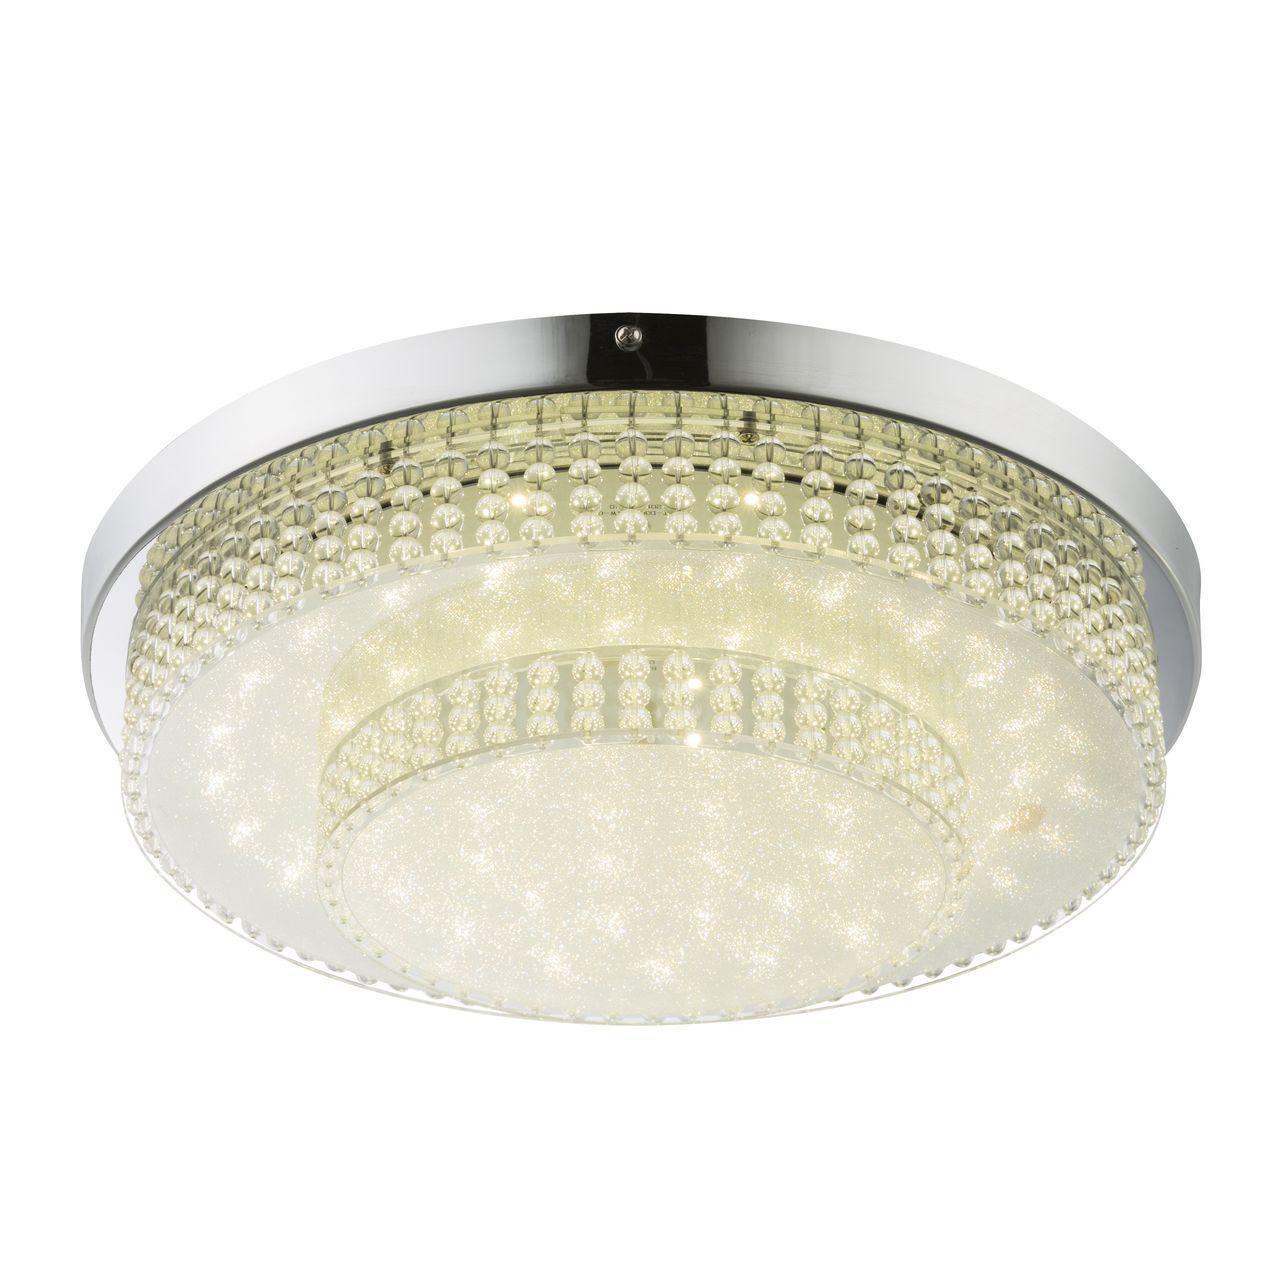 Потолочный светильник Globo 48213-24, белый цены